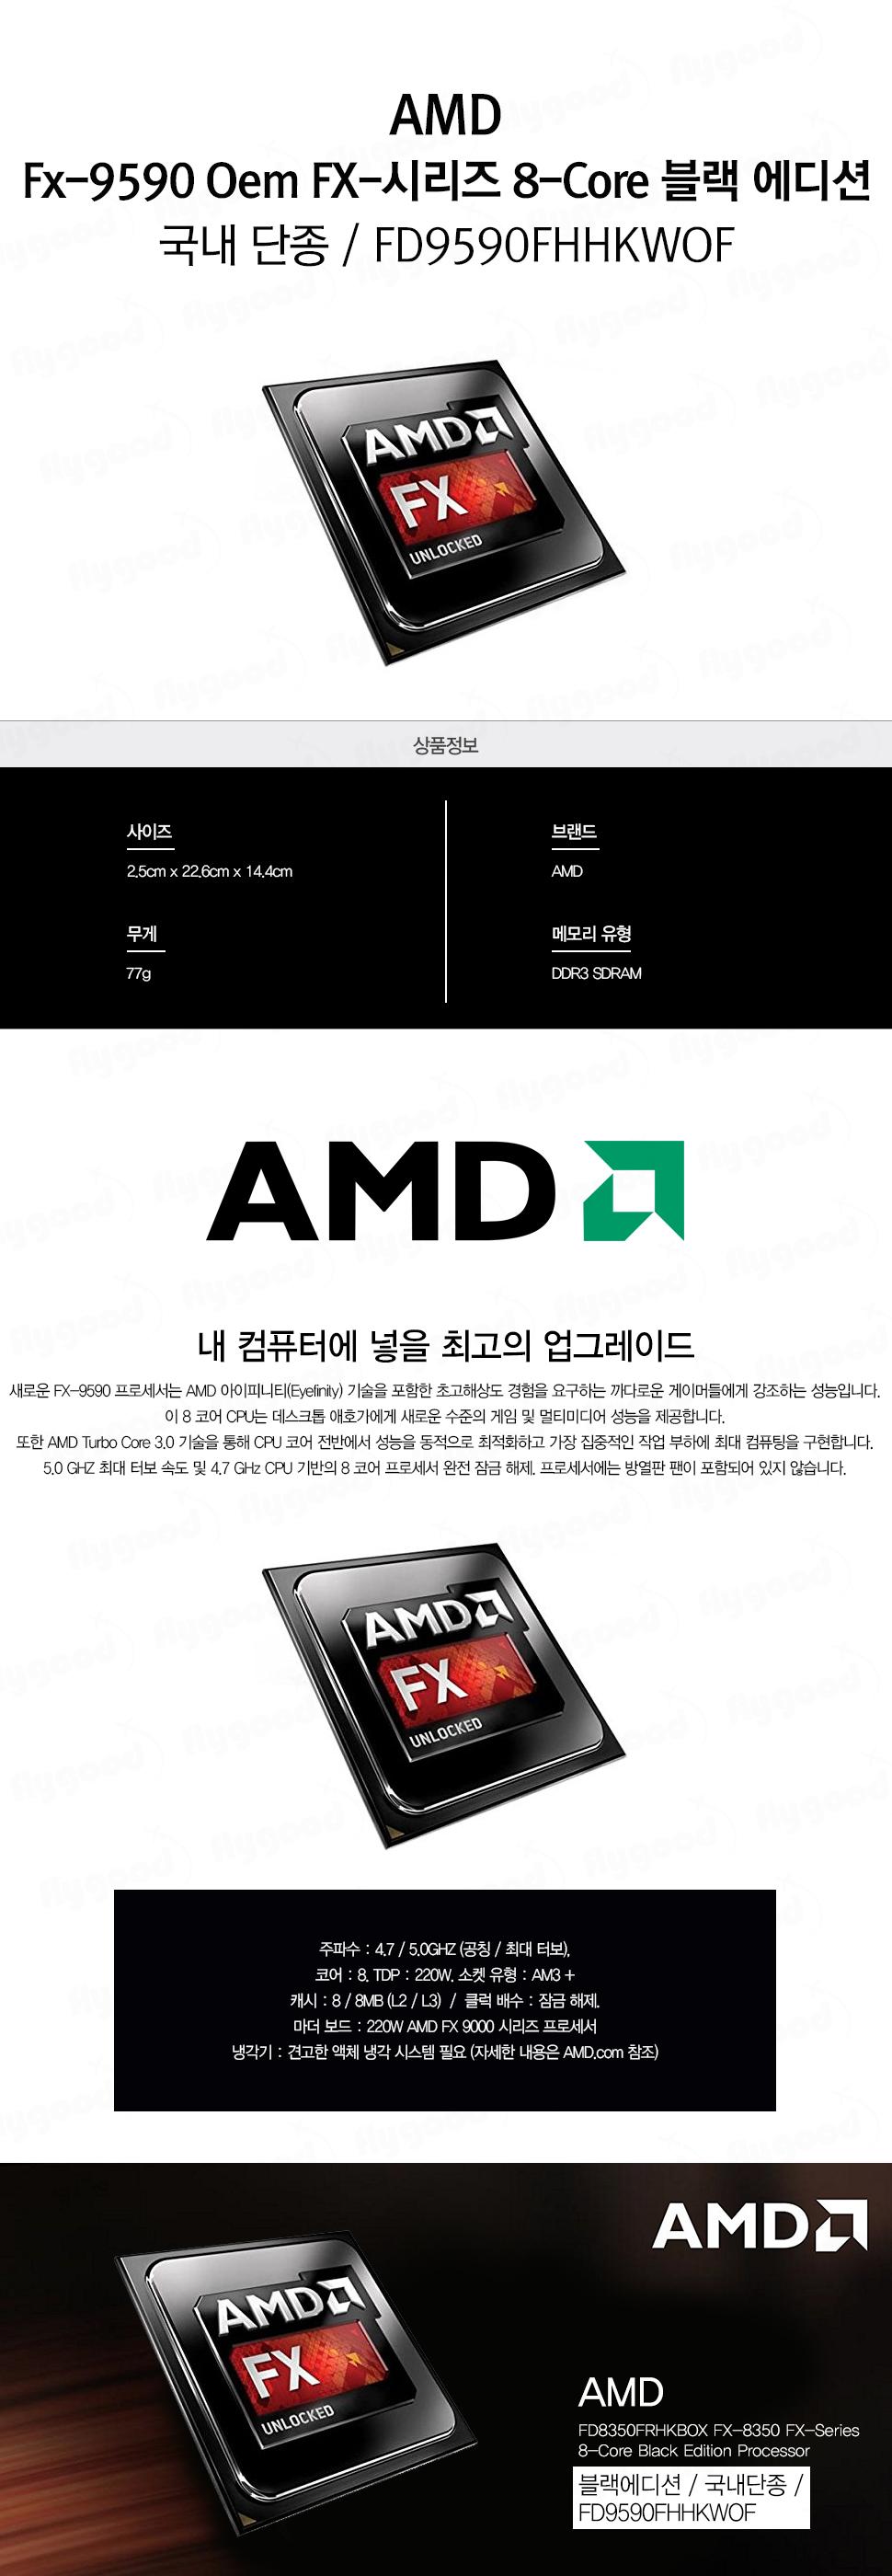 AMD_블랙에디션_FD9590FHHKWOF.jpg